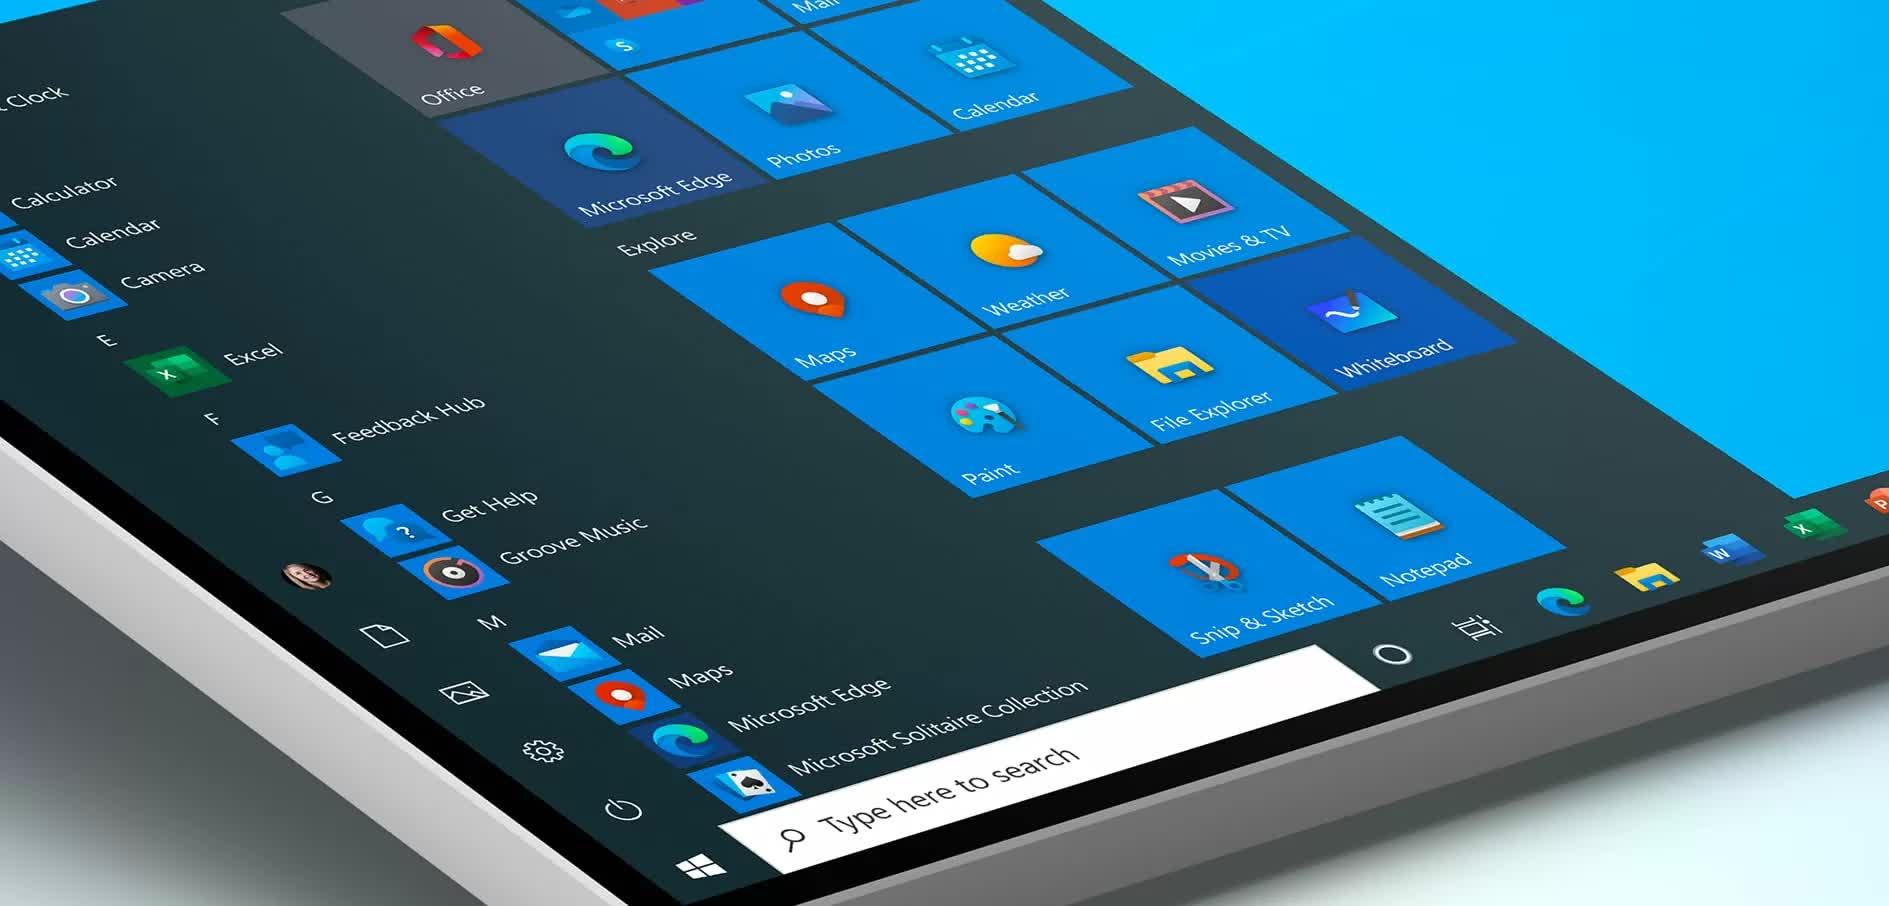 Sun Valley, la renovación de interfaz que llegará a Windows 10 en 2021